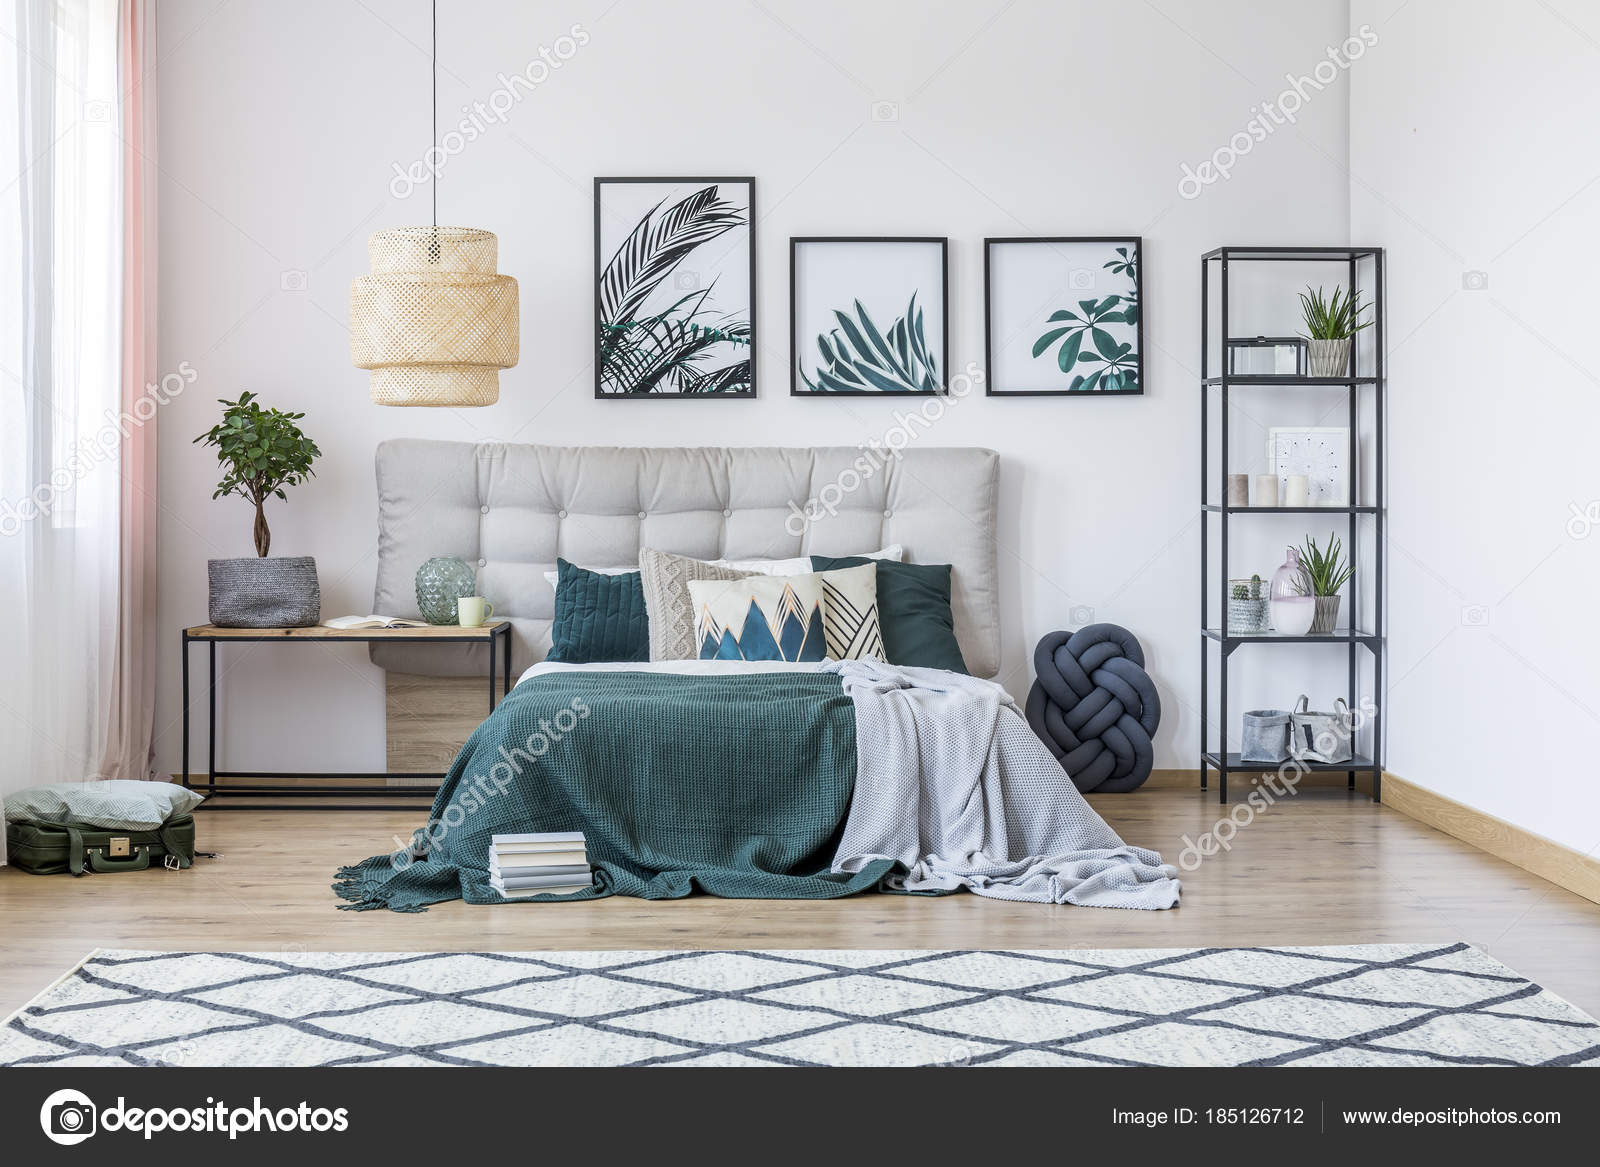 Camera da letto moderna con tappeto — Foto Stock ...